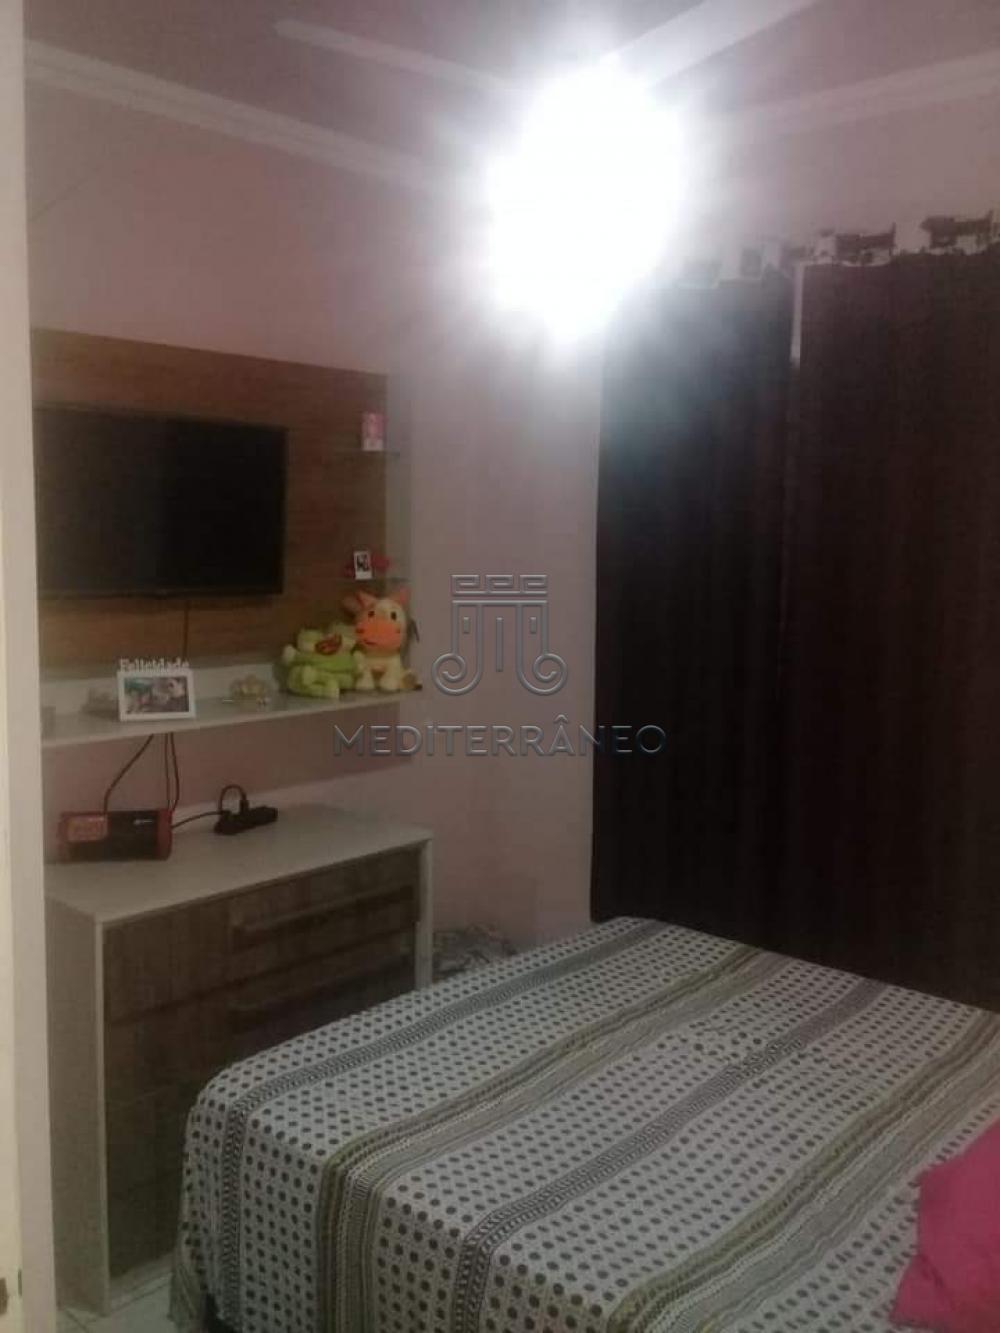 Comprar Apartamento / Padrão em Campo Limpo Paulista apenas R$ 200.000,00 - Foto 9